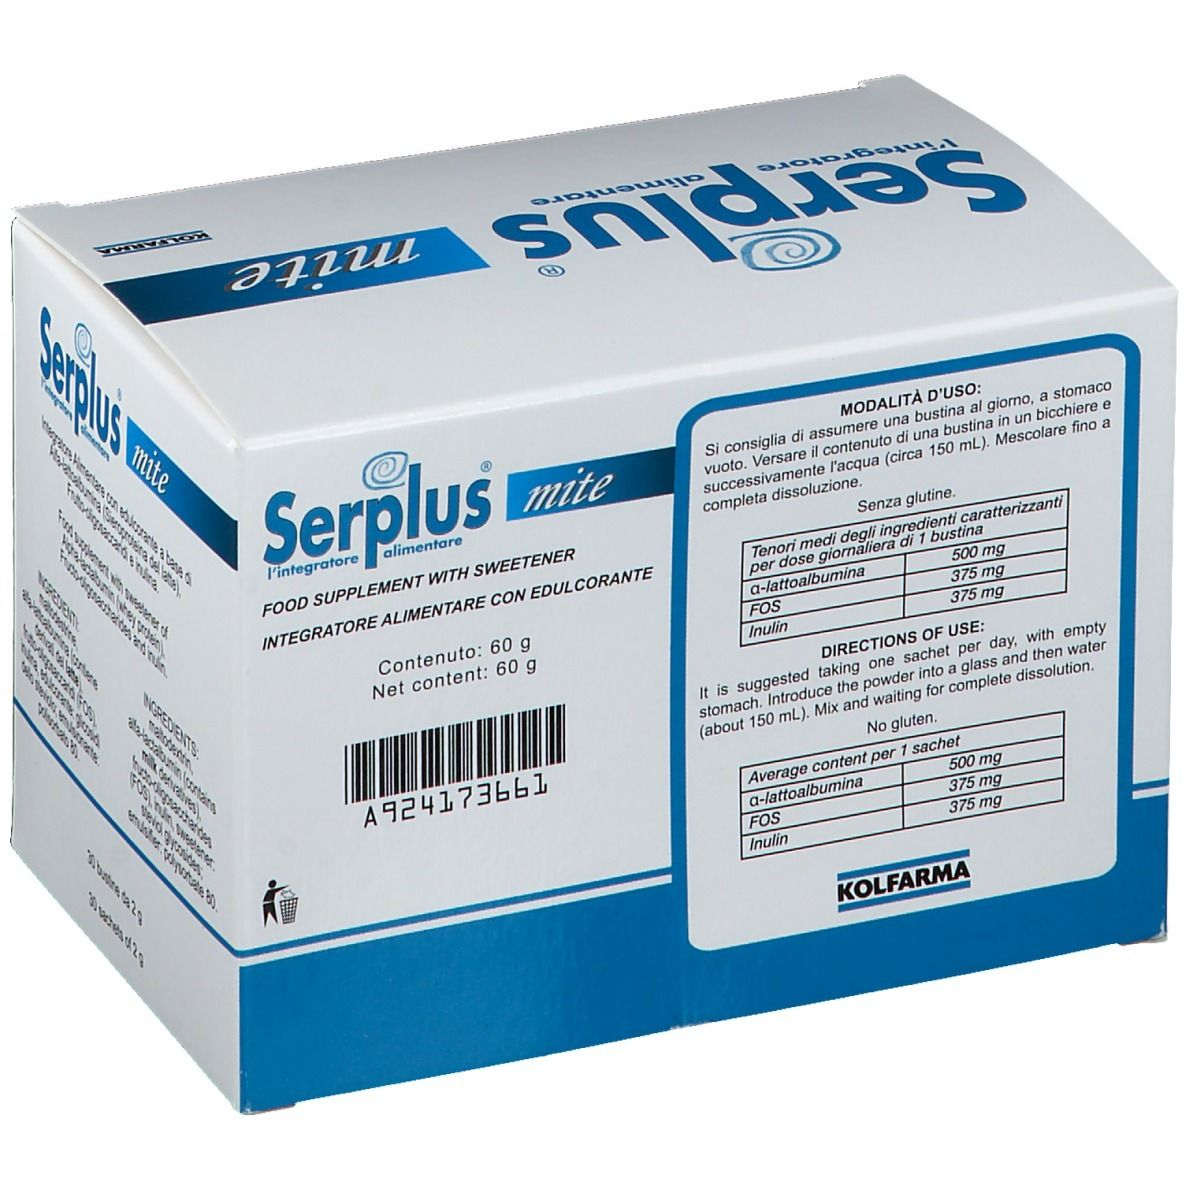 Serplus Mite Bustine 30 Pz Shop Farmacia It